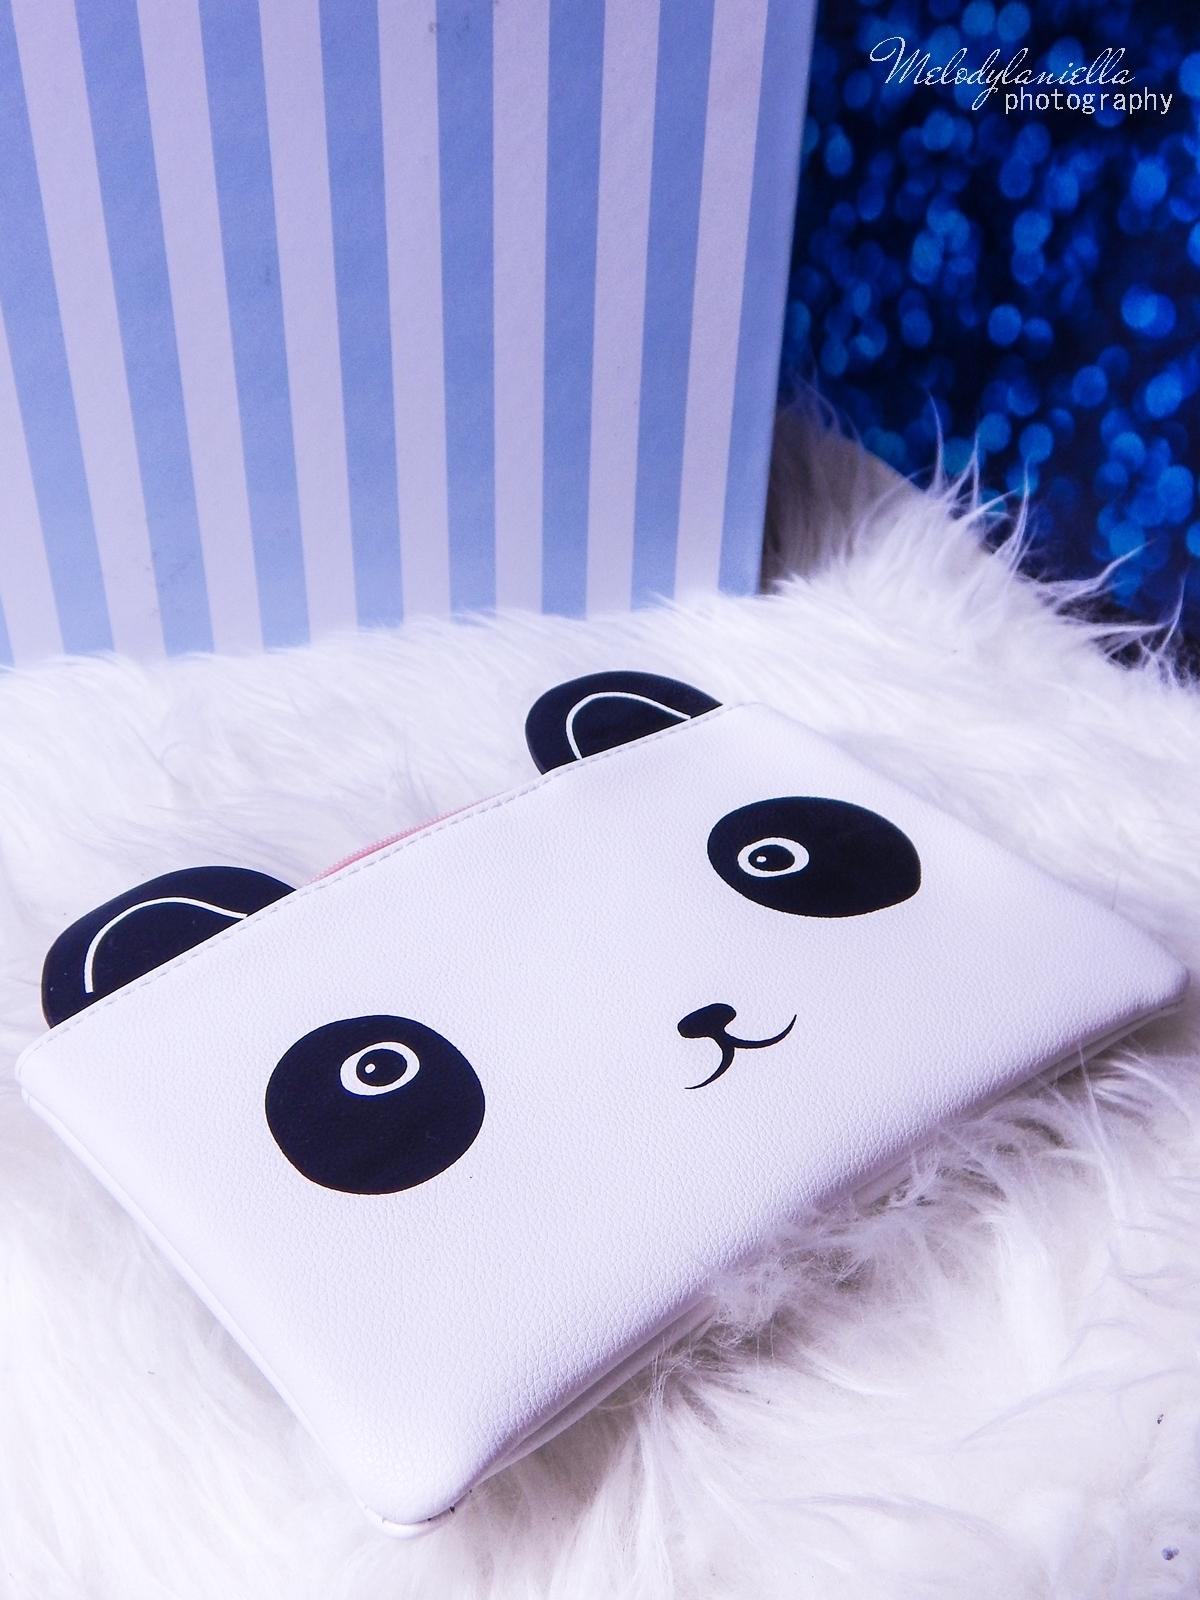 12 Oh! K Life koreańskie kosmetyki i gadżety słodkie dziewczęce dodatki maska do twarzy panda kosmetyczka w kształcie pandy lodowe płatki chłodzące okłady na oczy przeciw sińcom jak pozbyć się sińców pod oczami